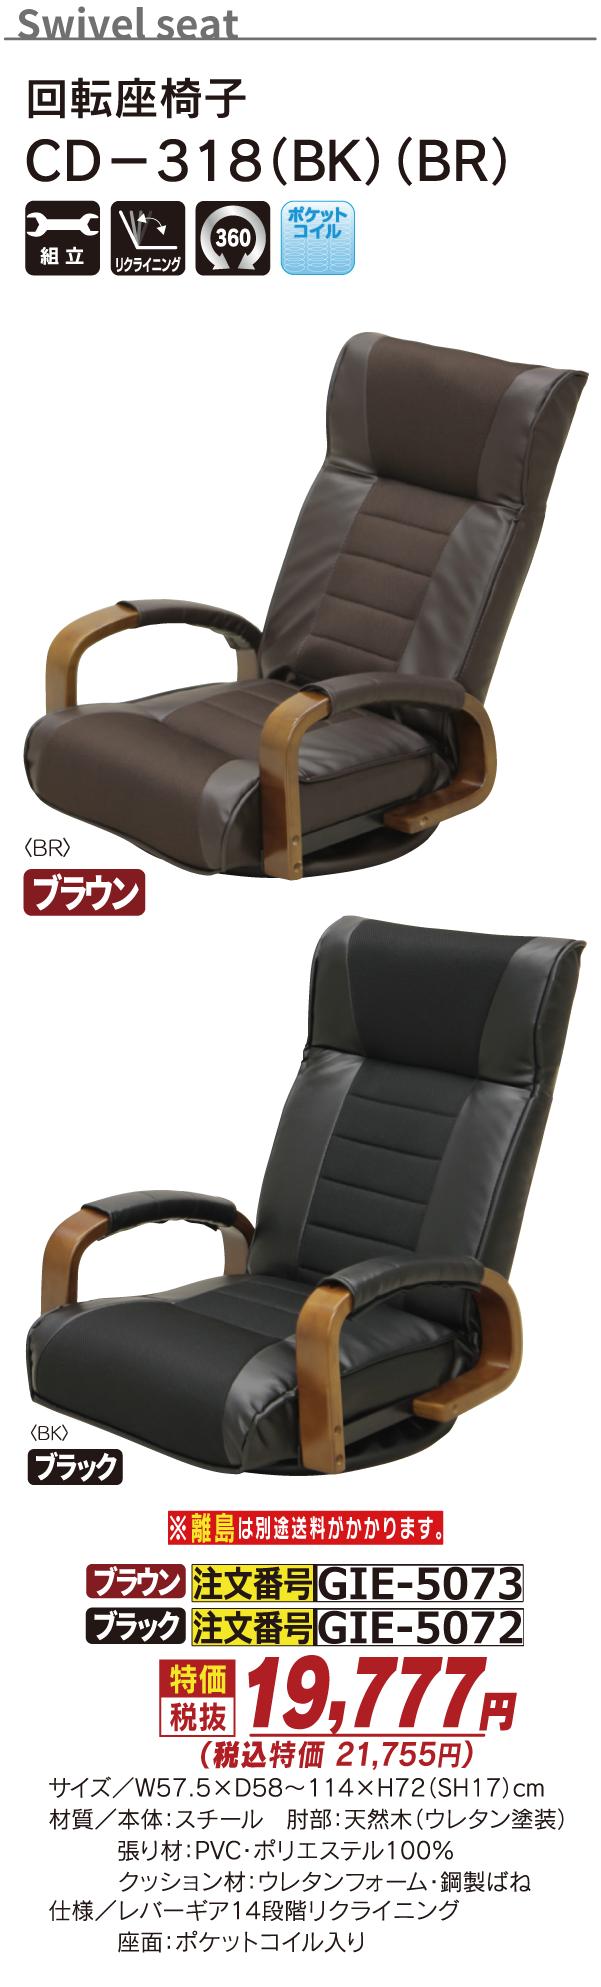 5072_カジュアル座椅子_CD318